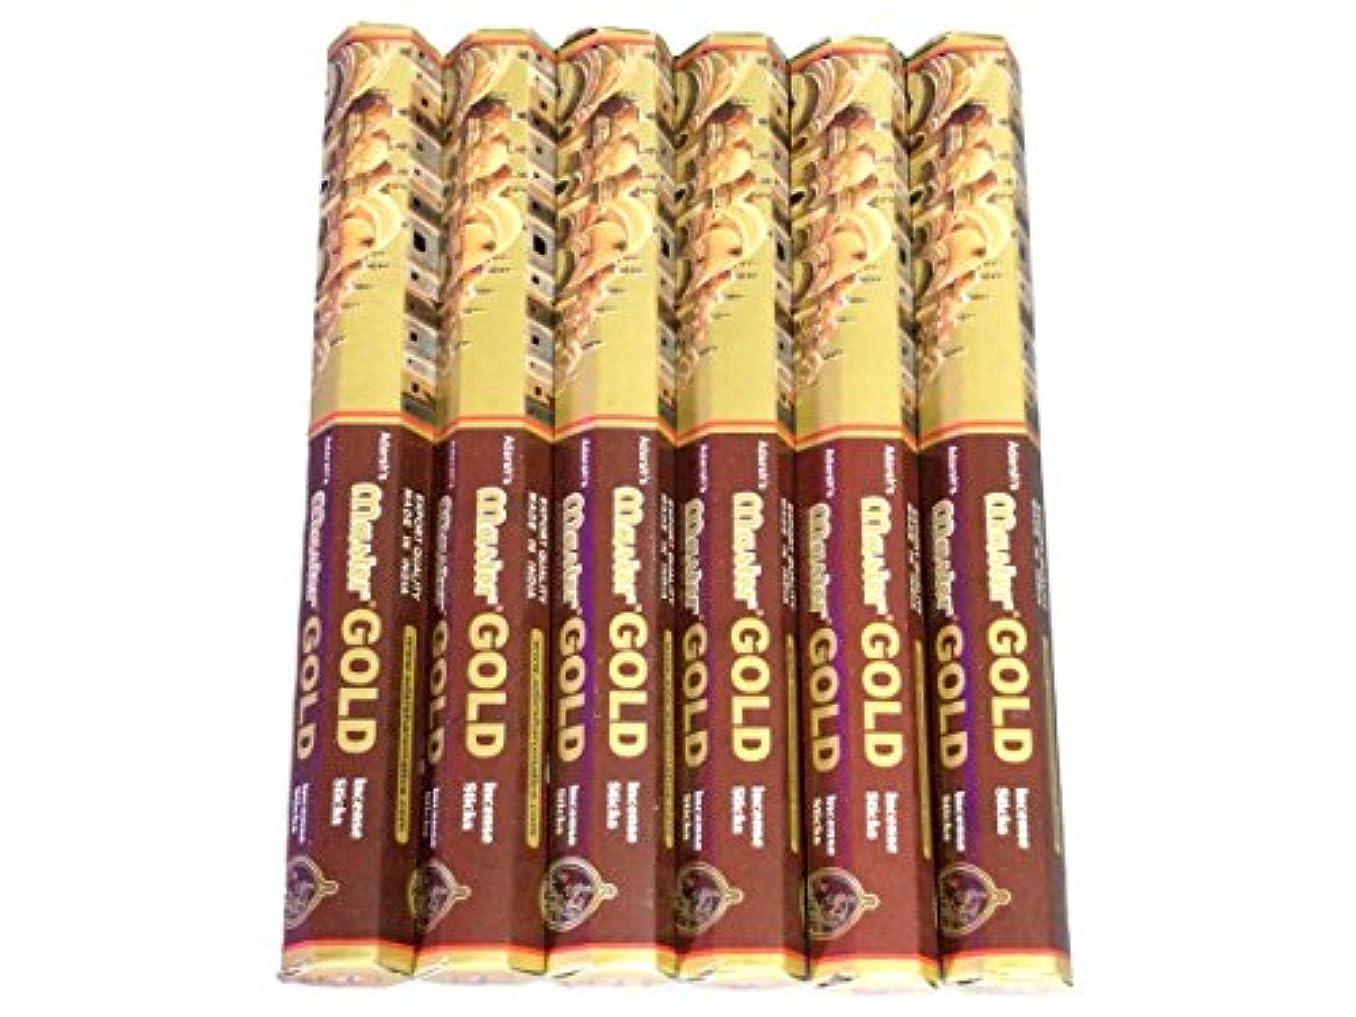 ランチョンキルス懐疑論ADARSH AROMATICS(アダーシュアロマティクス) マスターゴールド香 スティック MASTER GOLD 6箱セット